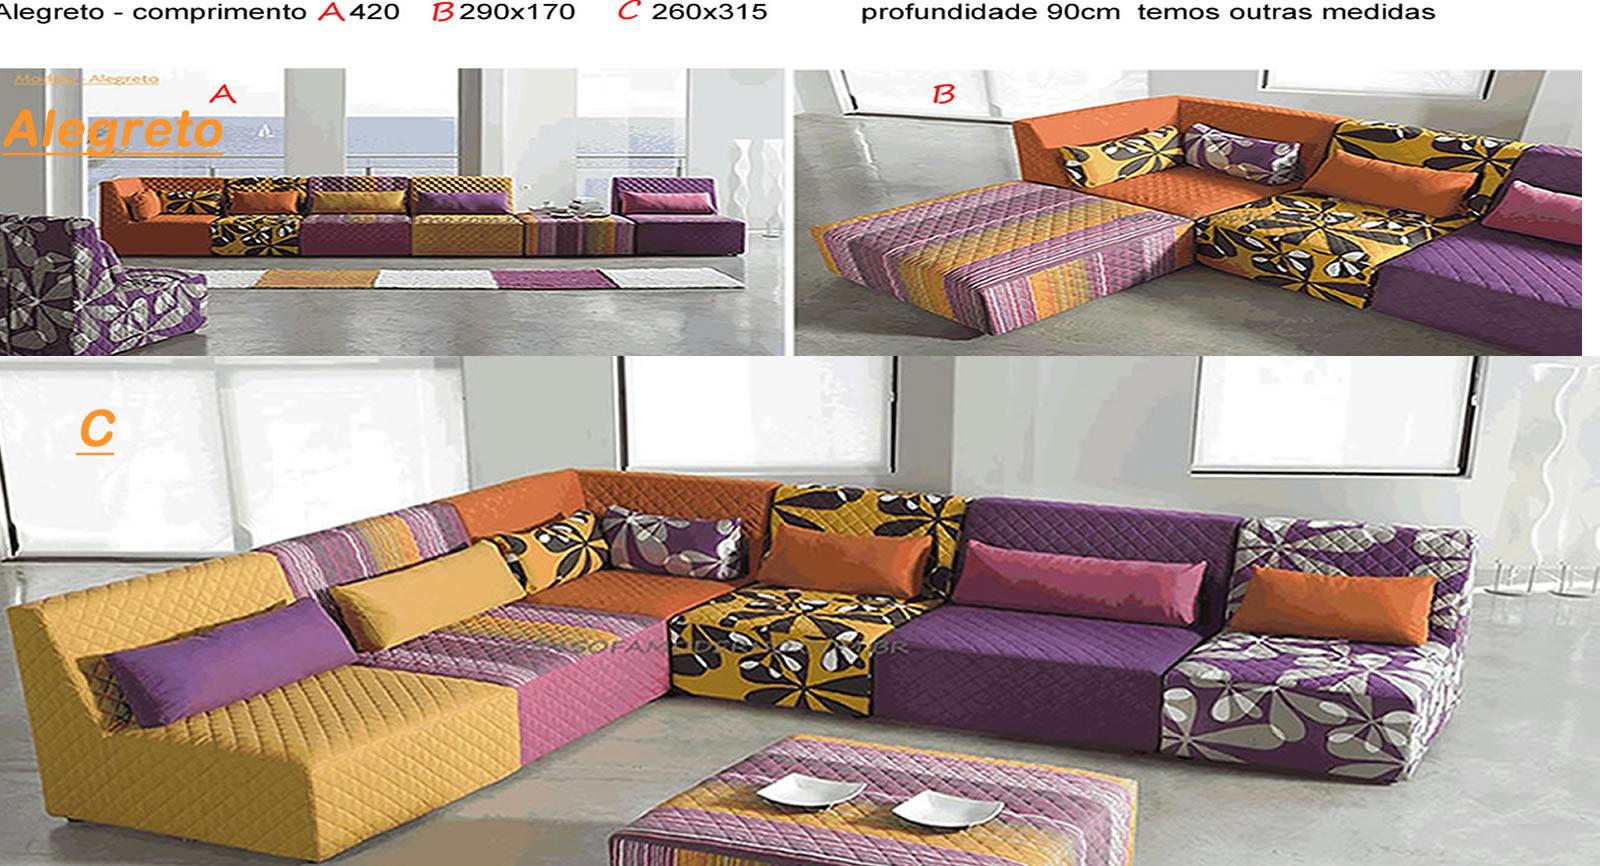 Sof retr til beleza e funcionalidade em 38 modelos for Sofas modulares